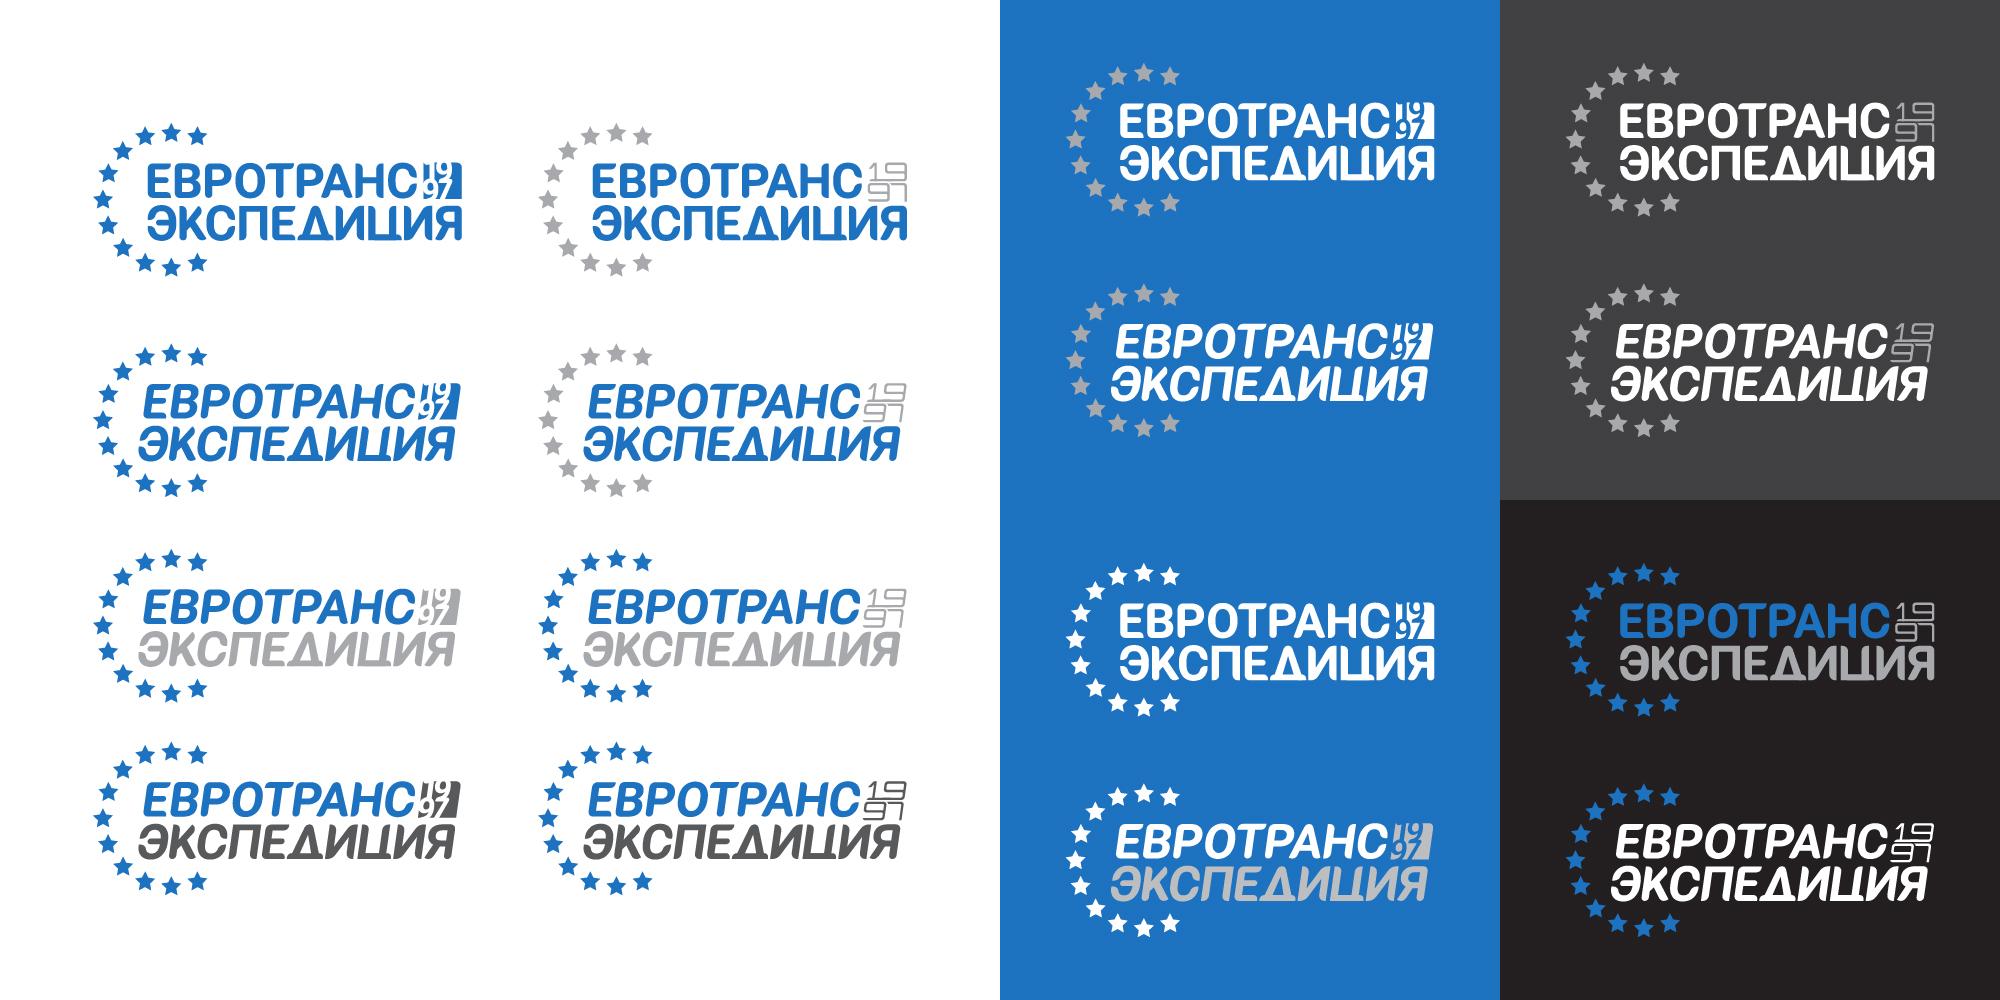 Предложите эволюцию логотипа экспедиторской компании  фото f_27358f4b3c74e4e1.jpg